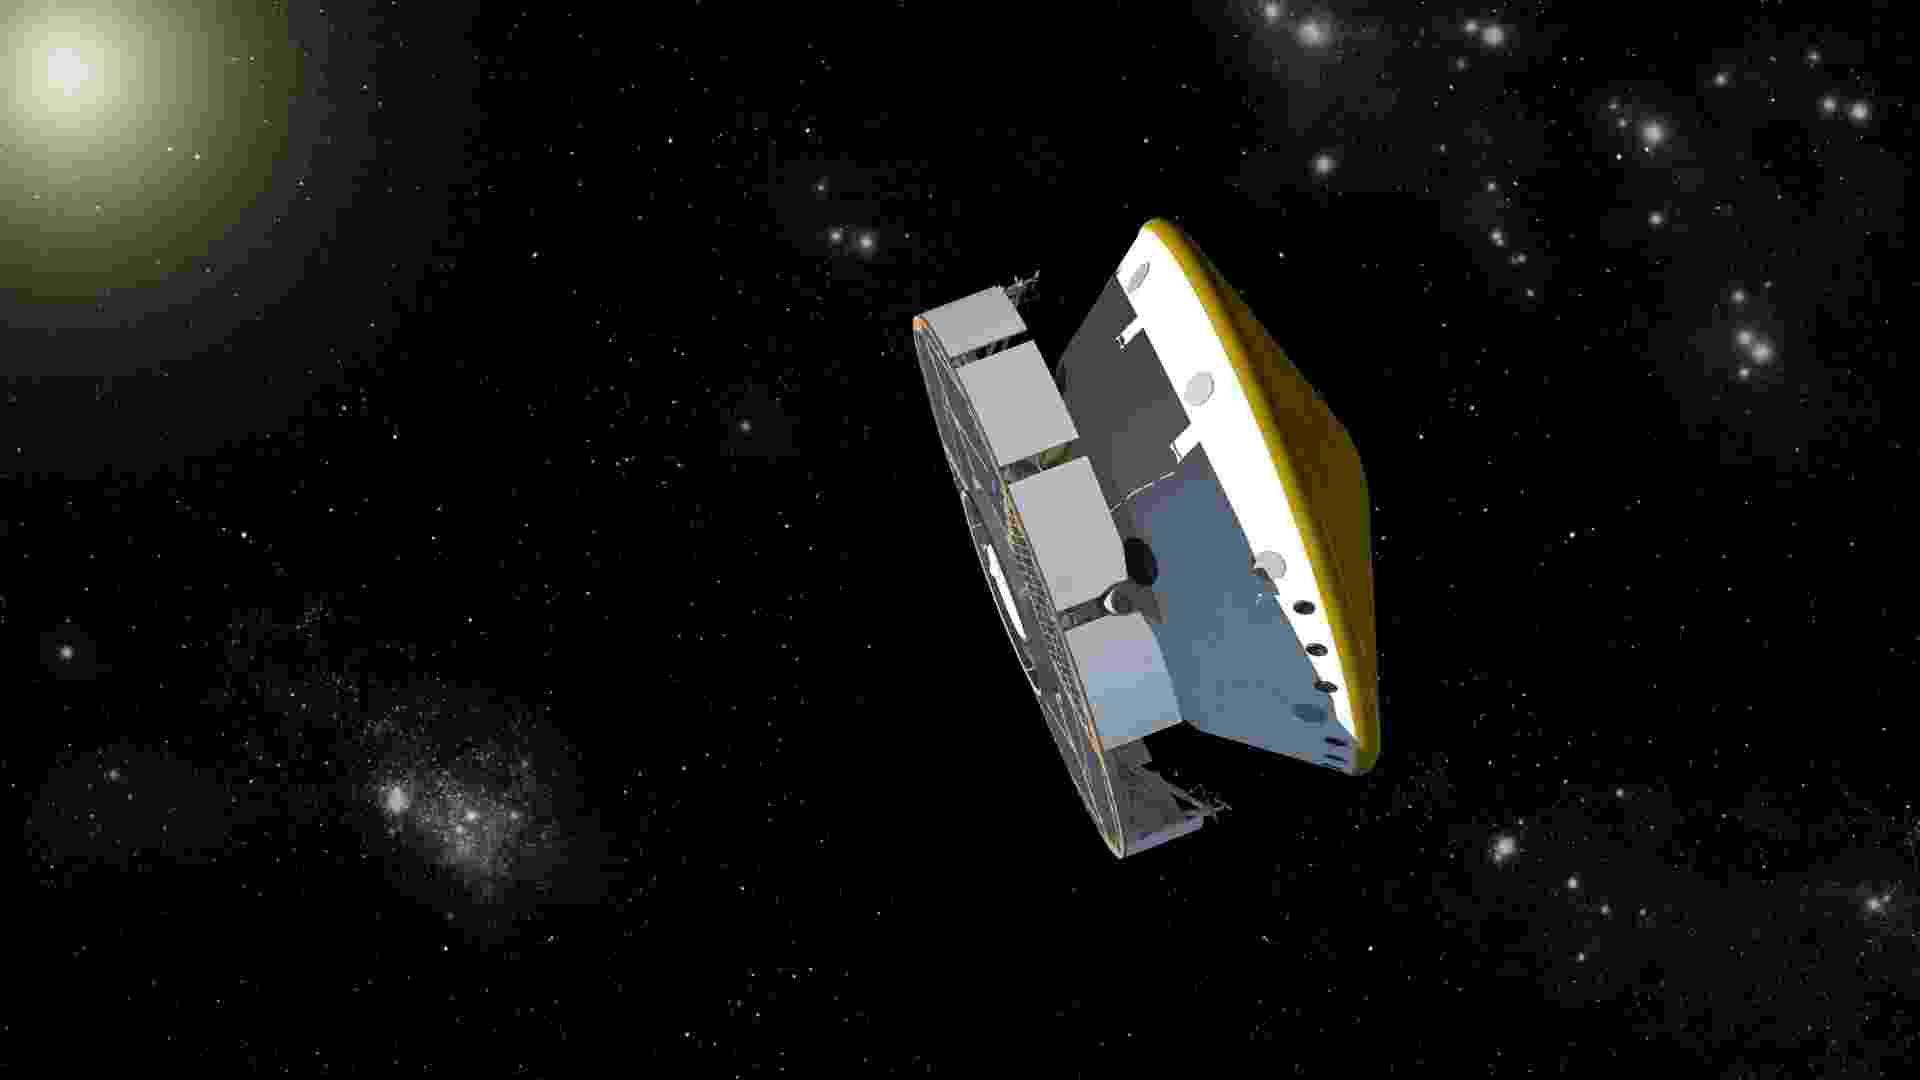 30.mai.2013 - A radiação a que um astronauta é exposto durante uma viagem a Marte aumentaria o risco de câncer fatal entre 3% a 5%, calcula a Nasa (Agência Espacial Norte-America), após analisar dados obtidos por um instrumento a bordo da MSL (ilustração acima). A cápsula transportou o robô Curiosity durante seu voo da Terra até Marte, entre novembro de 2011 e agosto de 2012. Dois tipos de radiação ameaçam os astronautas em viagens espaciais: os raios cósmicos galácticos (como explosões de supernovas) e as partículas que emanam do Sol - Nasa/JPL-Caltech